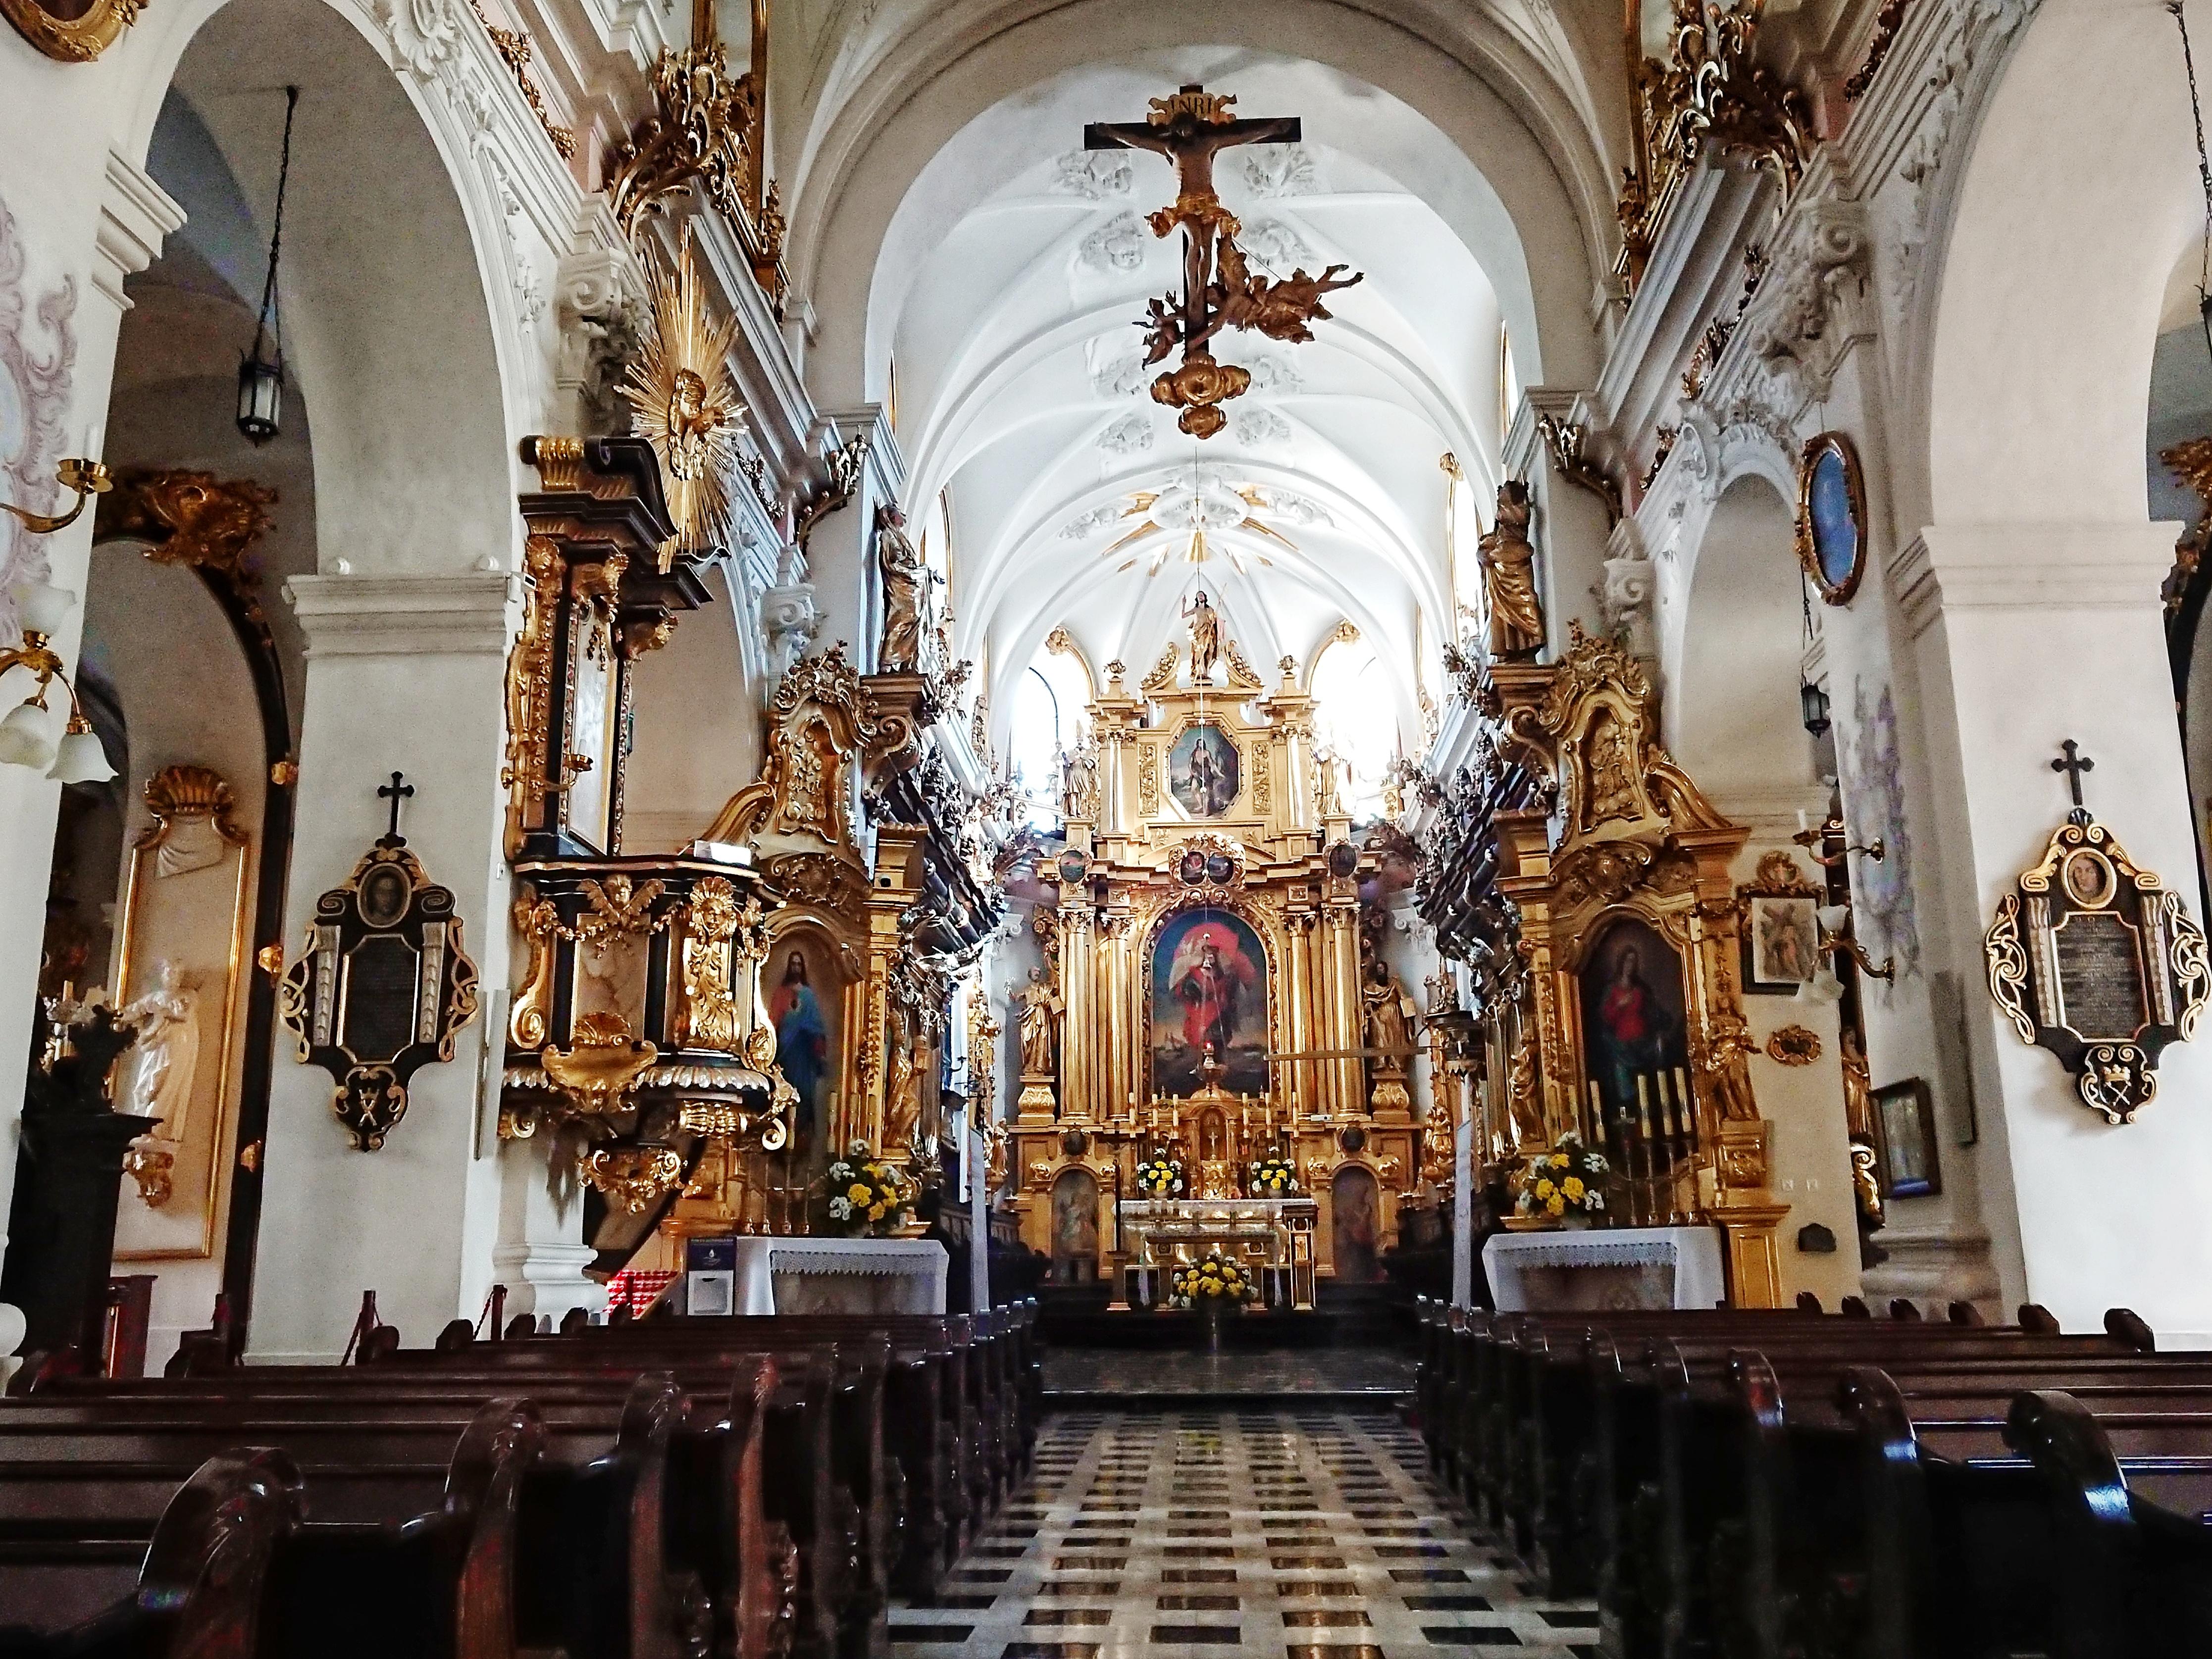 Wnętrze kościoła św. Floriana, źródło: archiwum autorki